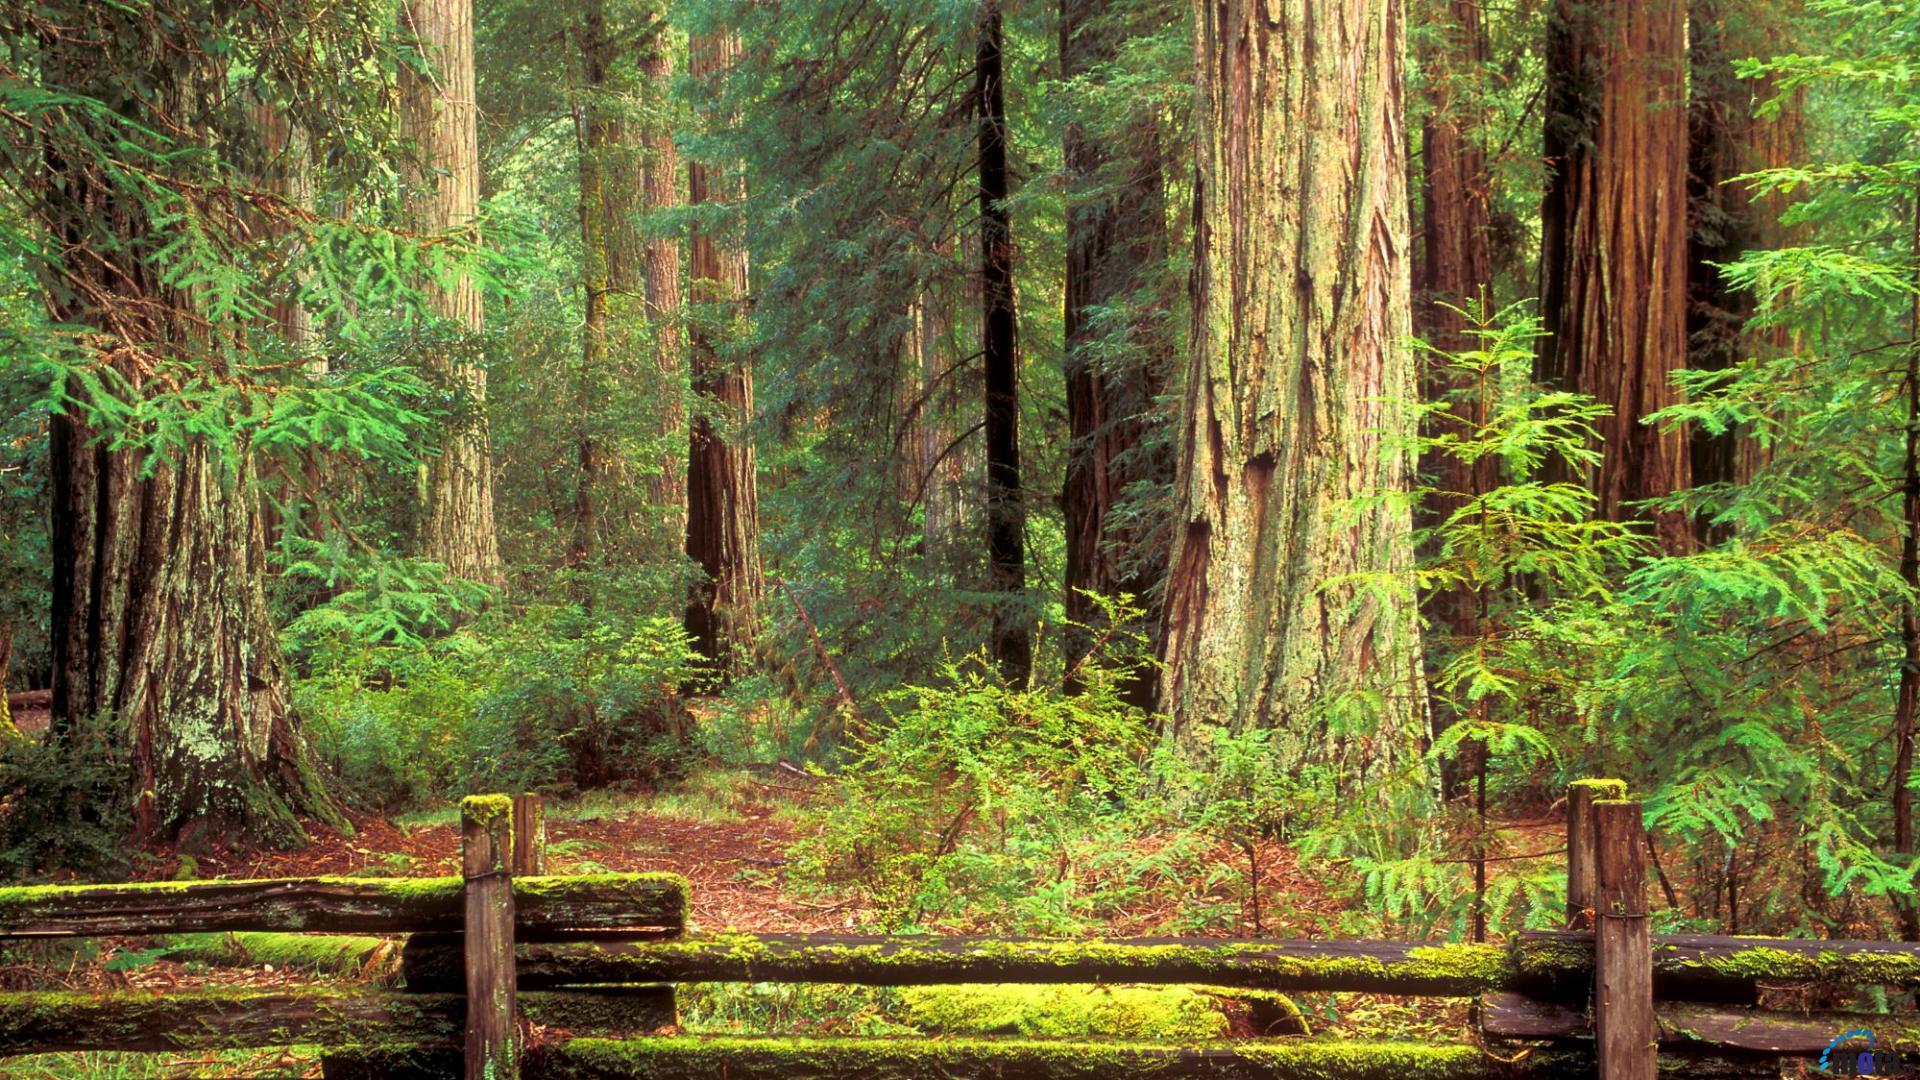 Redwood Forest Wallpaper   52DazheW Gallery 1920x1080